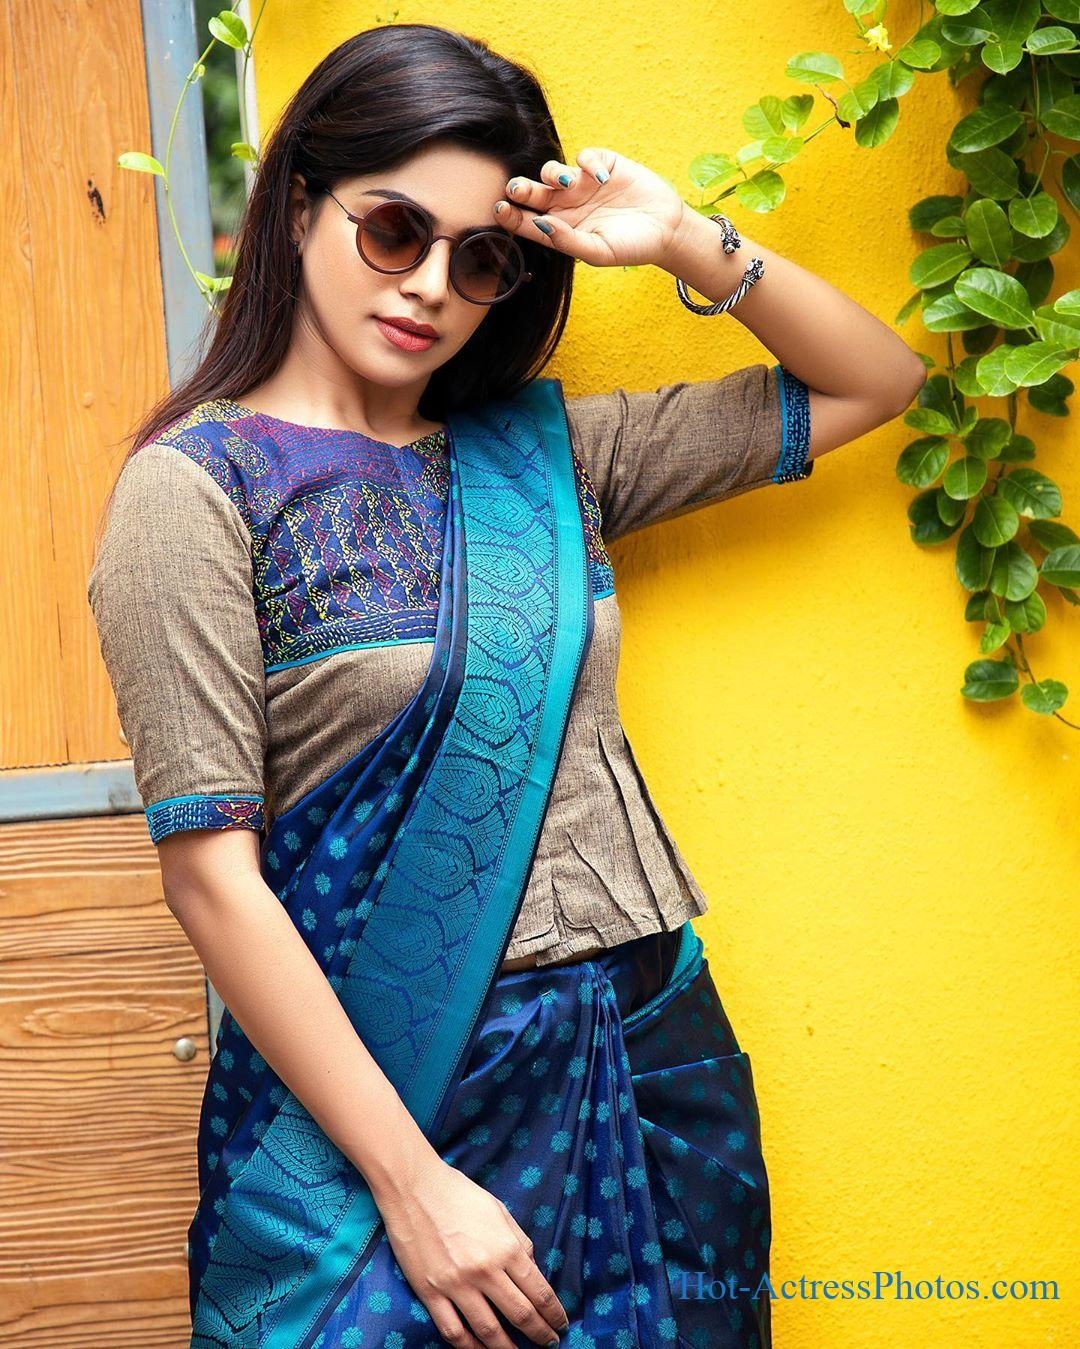 Actress Divyabharathi Latest Hot Images